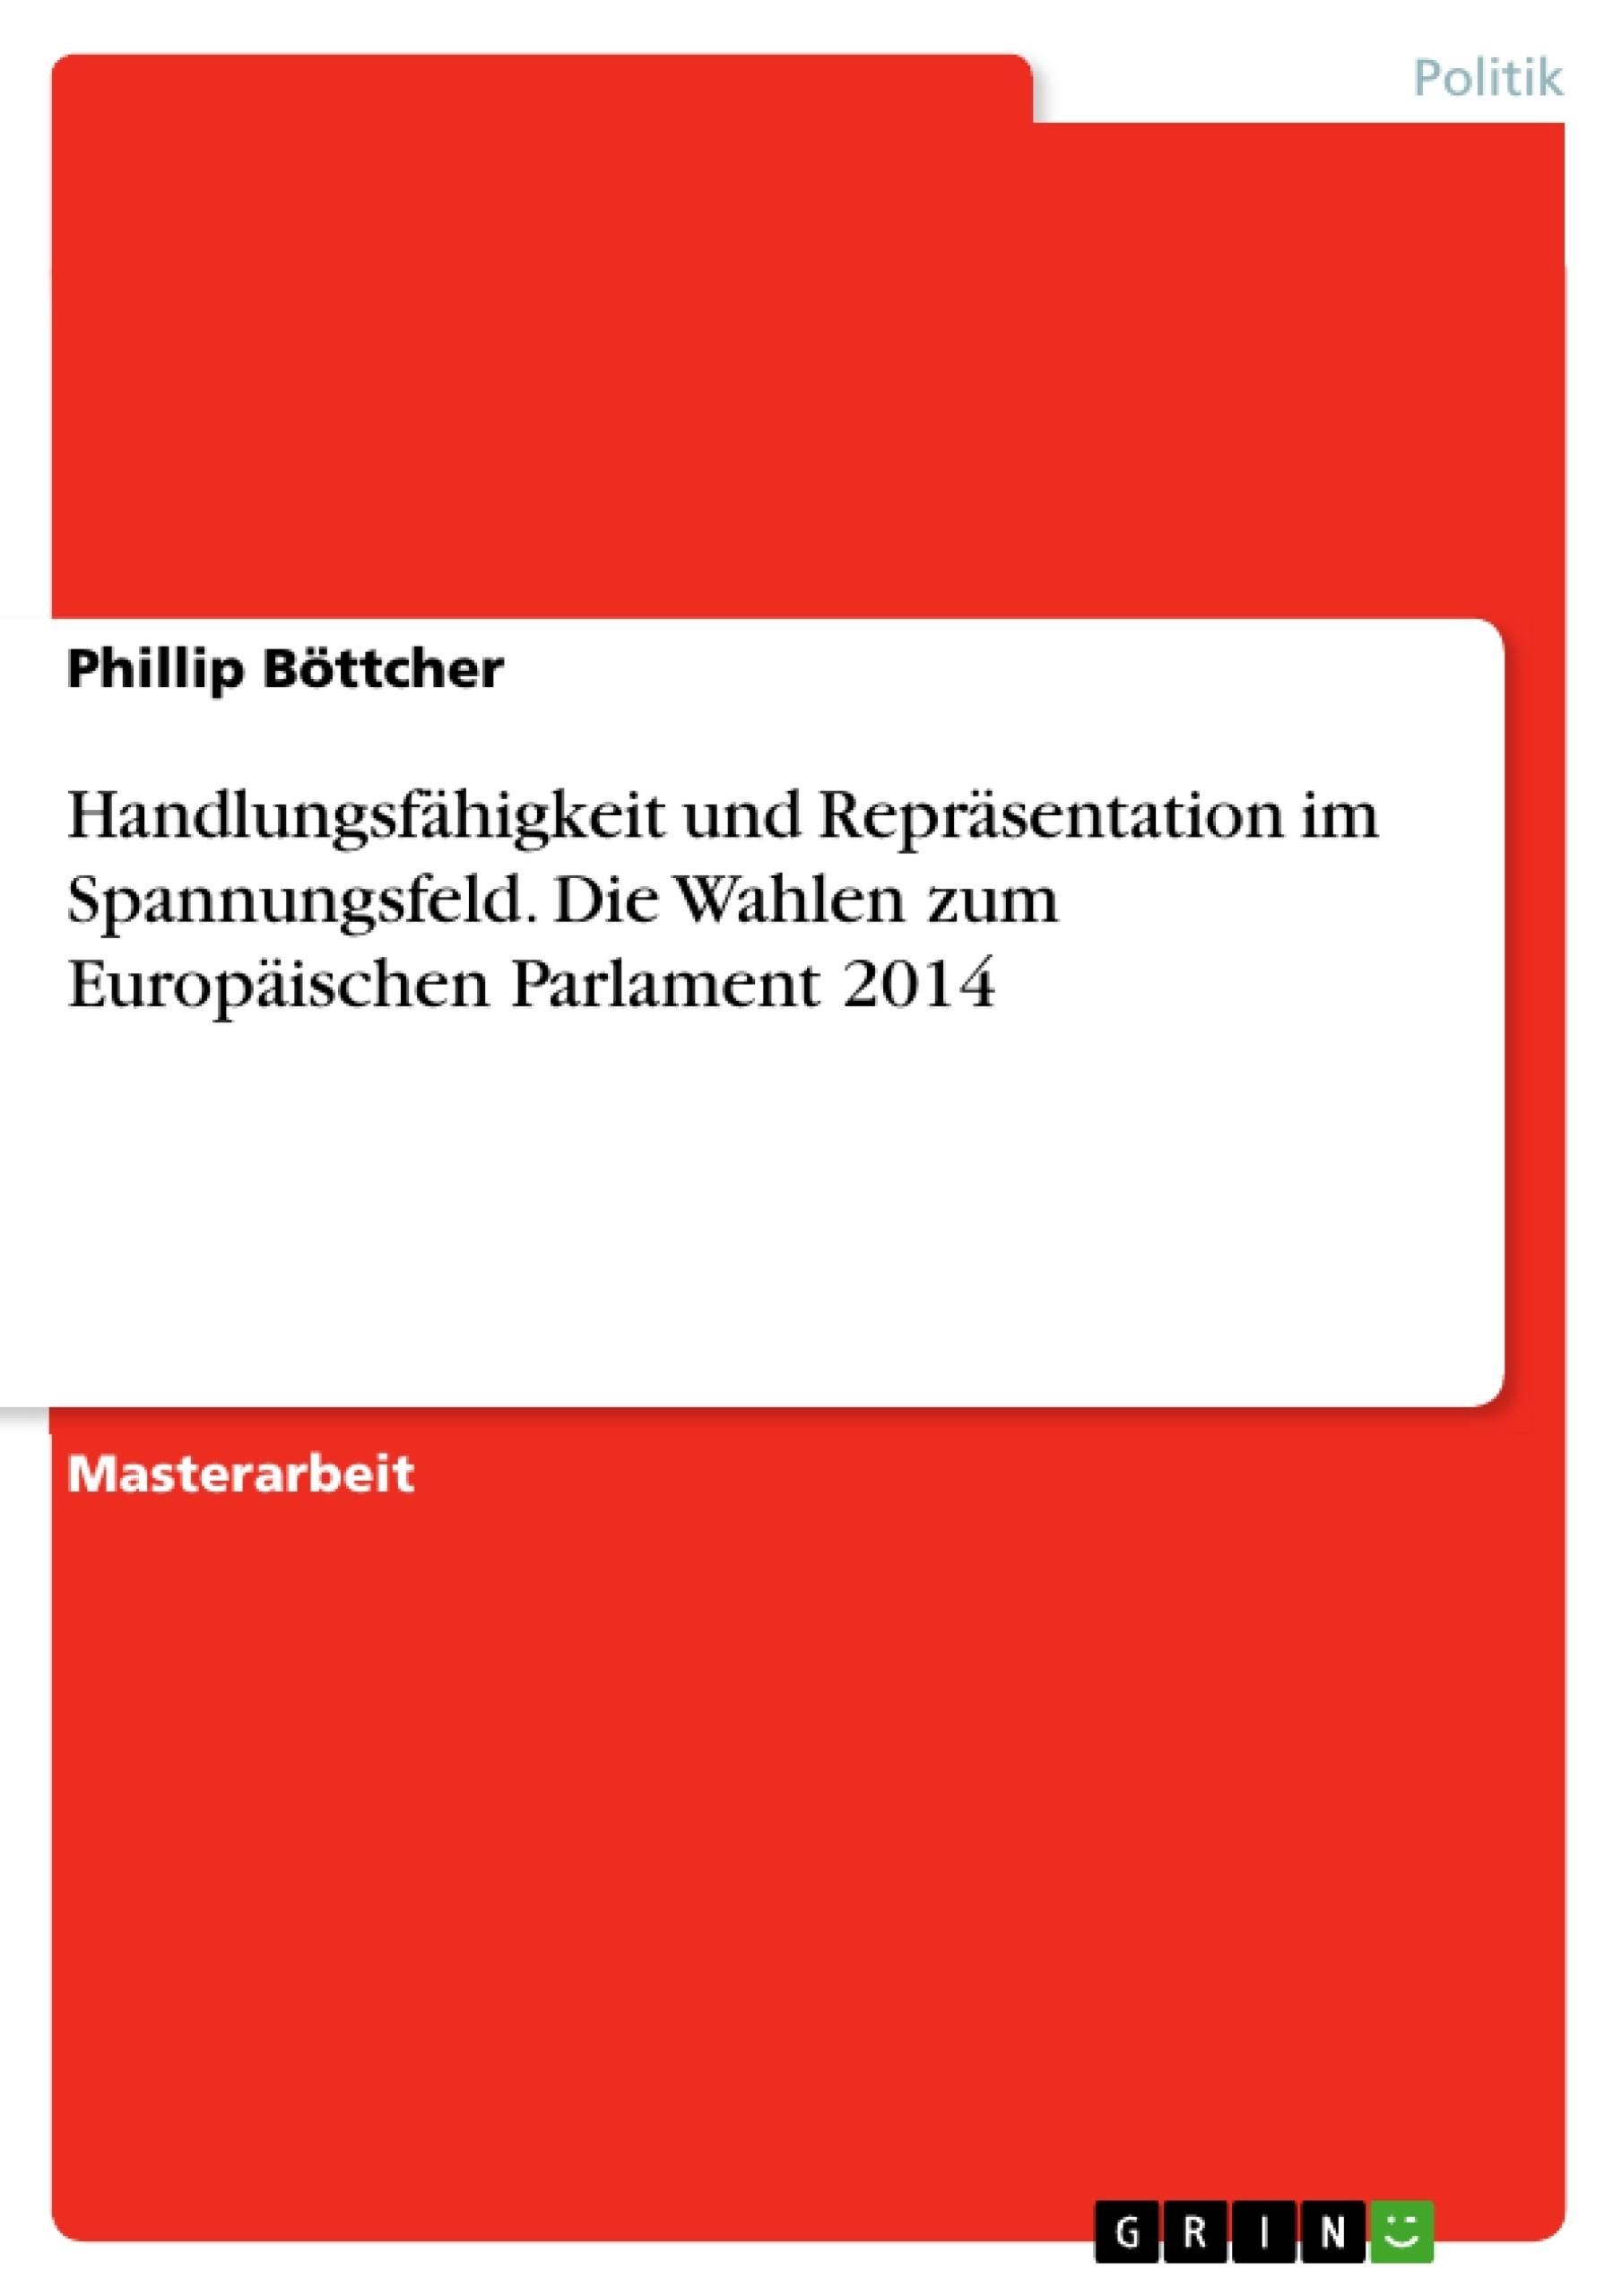 Titel: Handlungsfähigkeit und Repräsentation im Spannungsfeld. Die Wahlen zum Europäischen Parlament 2014